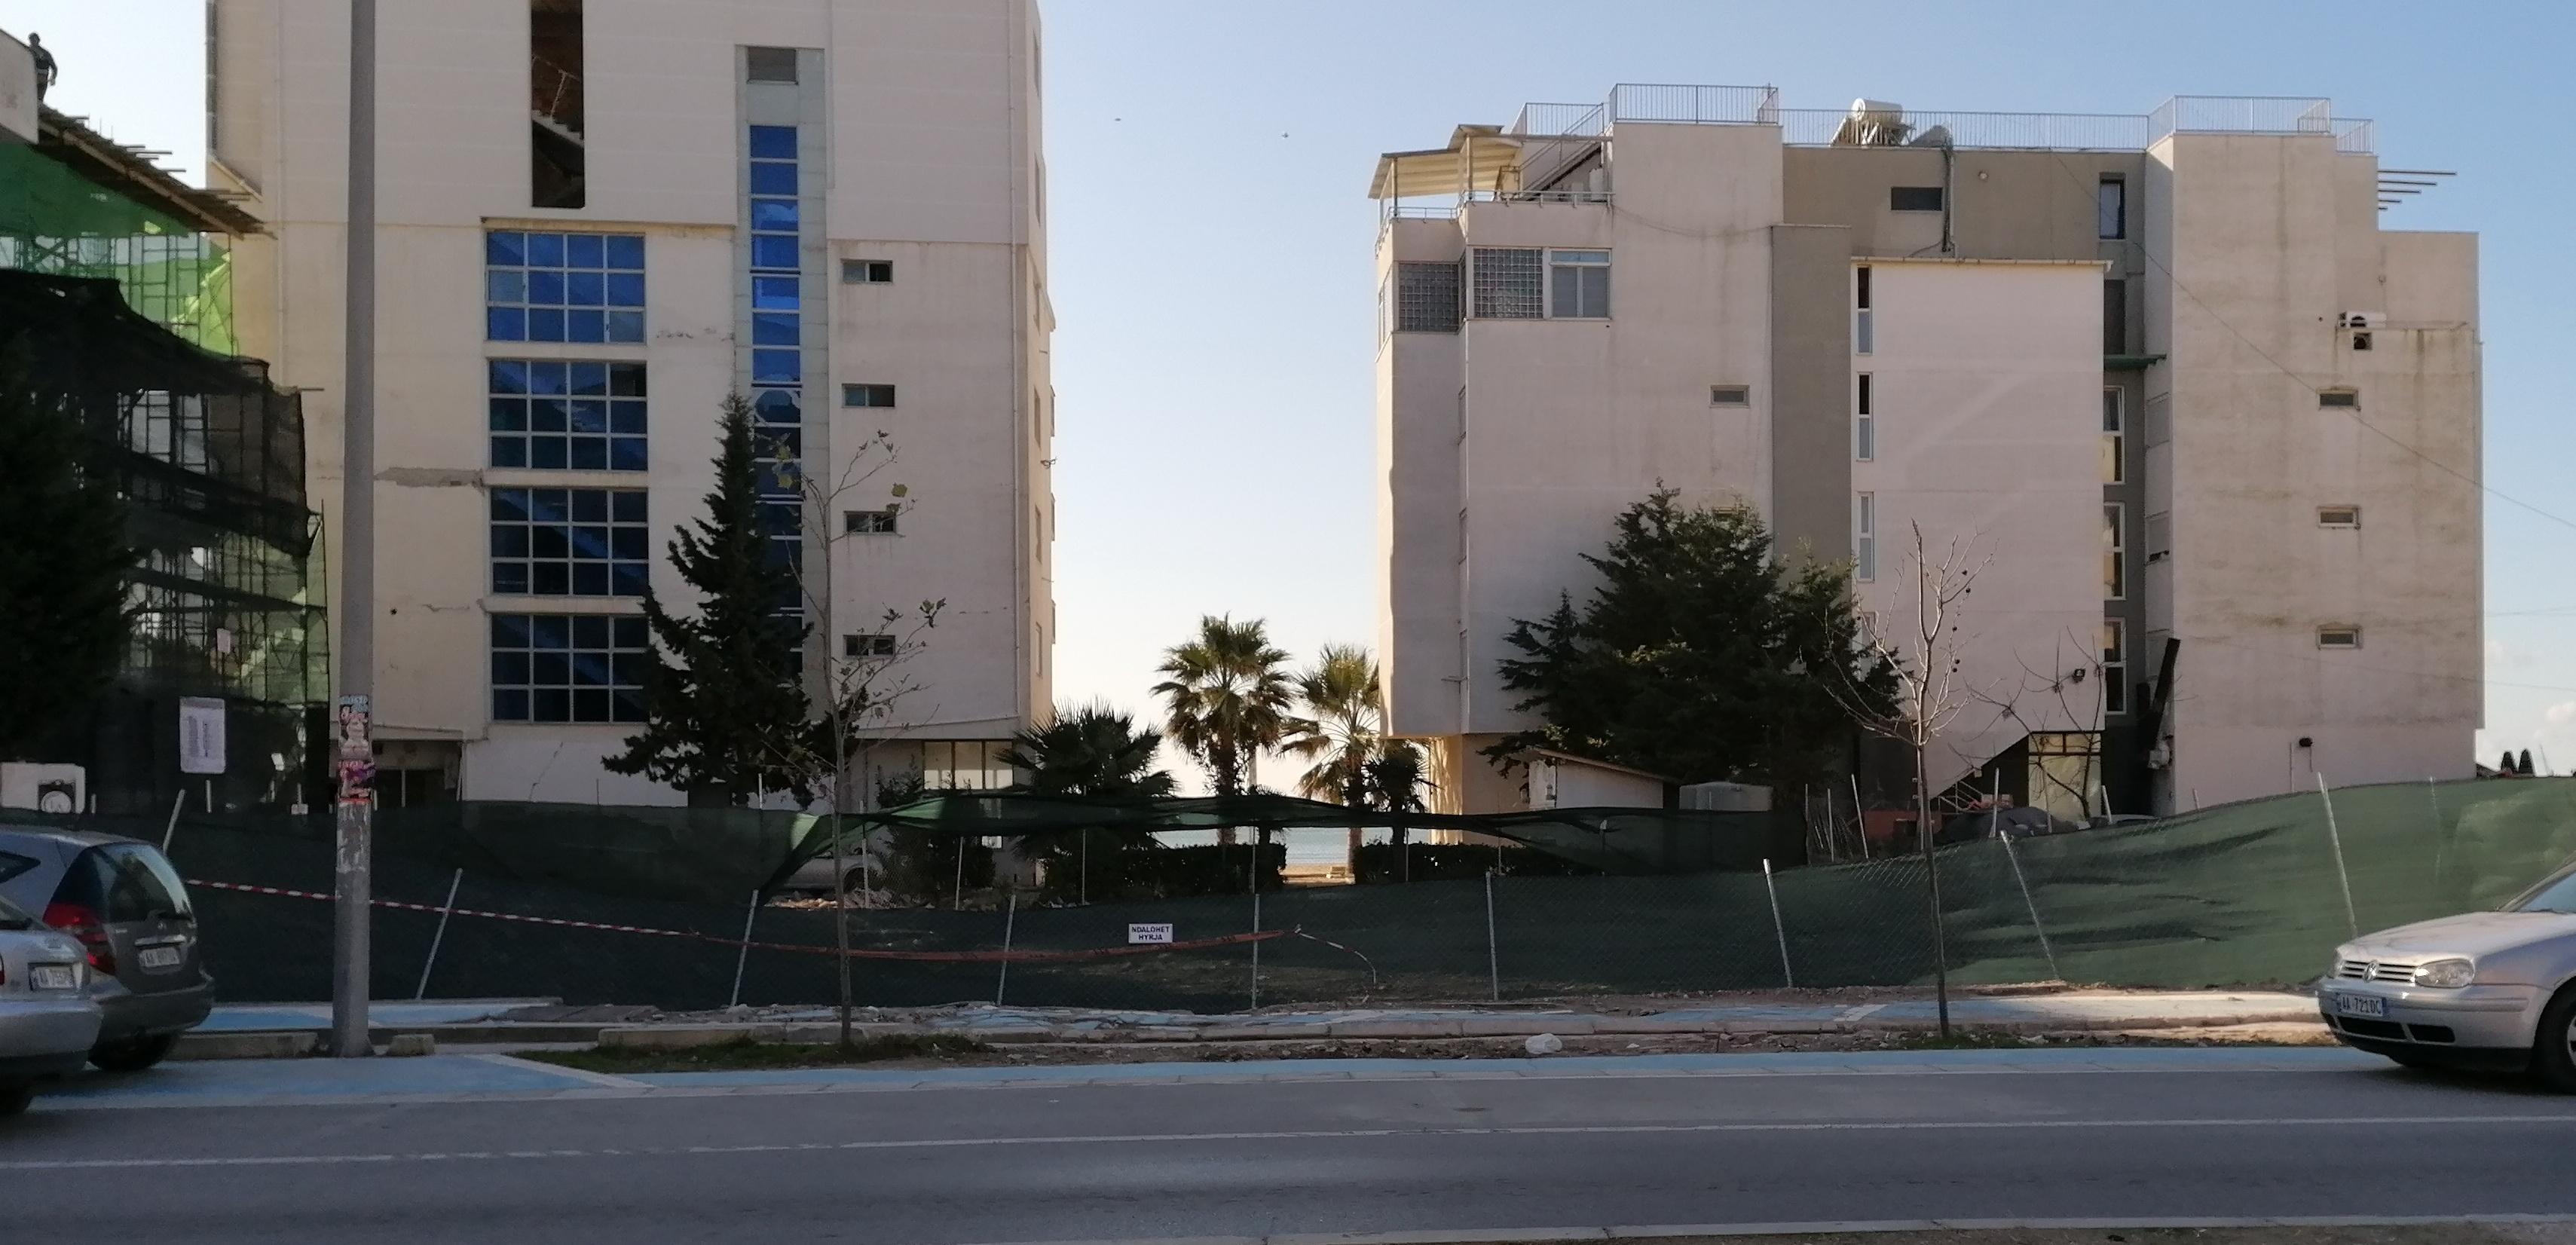 Pas këtij gardhi të gjelbërt gjendej Hotel Miramare